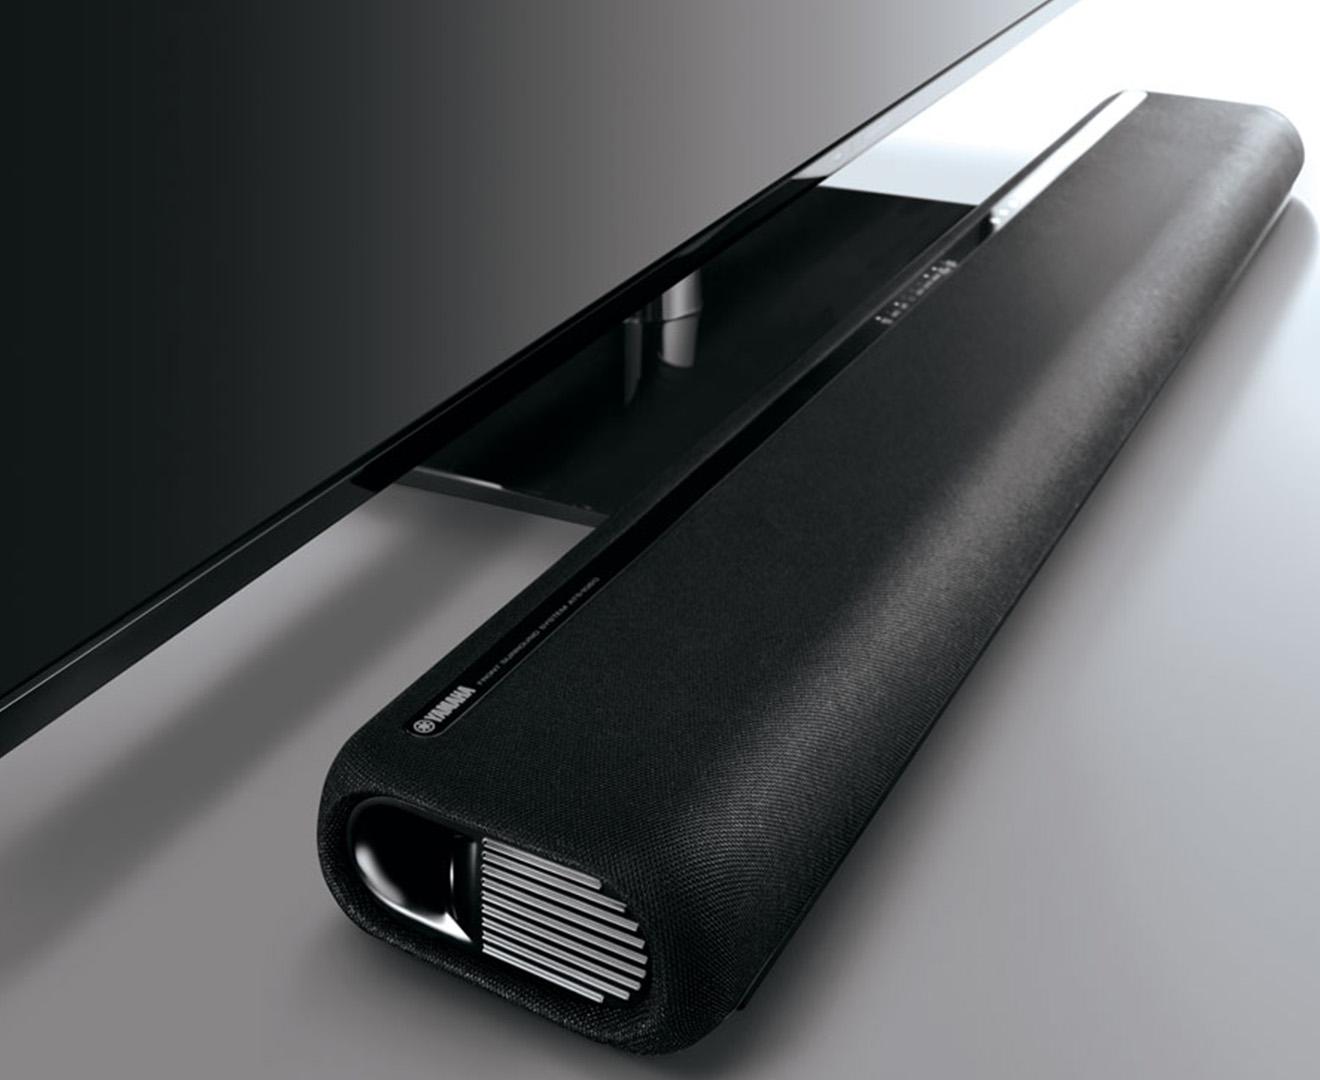 Yamaha ats 1060 hdmi bluetooth soundbar scoopon shopping for Yamaha ats 1030 soundbar review